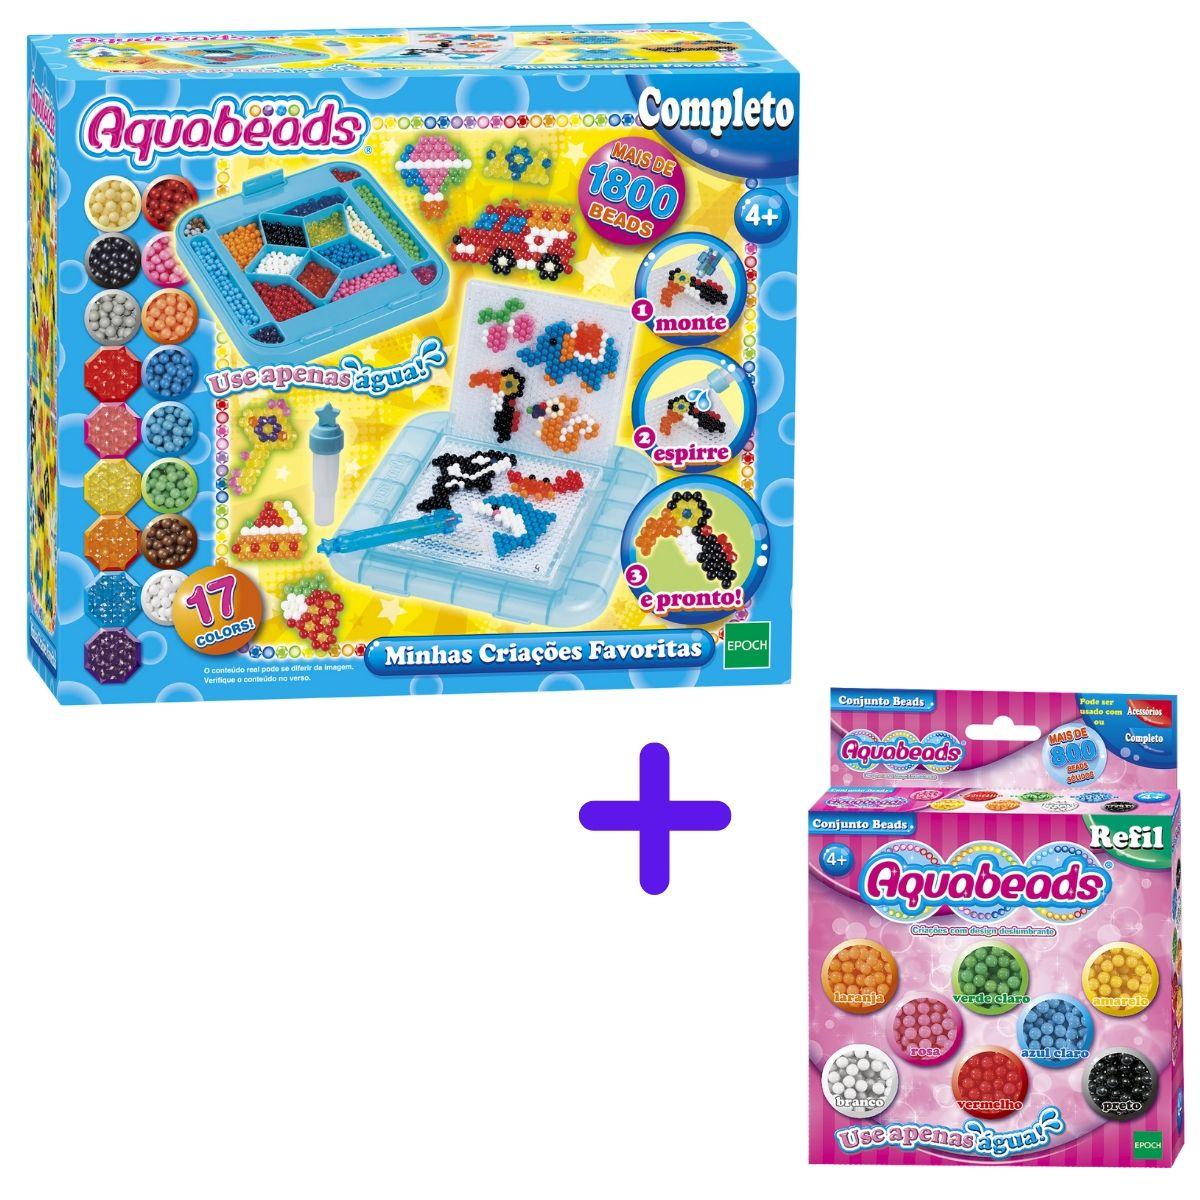 Kit Aquabeads Refil Diversão + Minhas Criações Favoritas  - Game Land Brinquedos